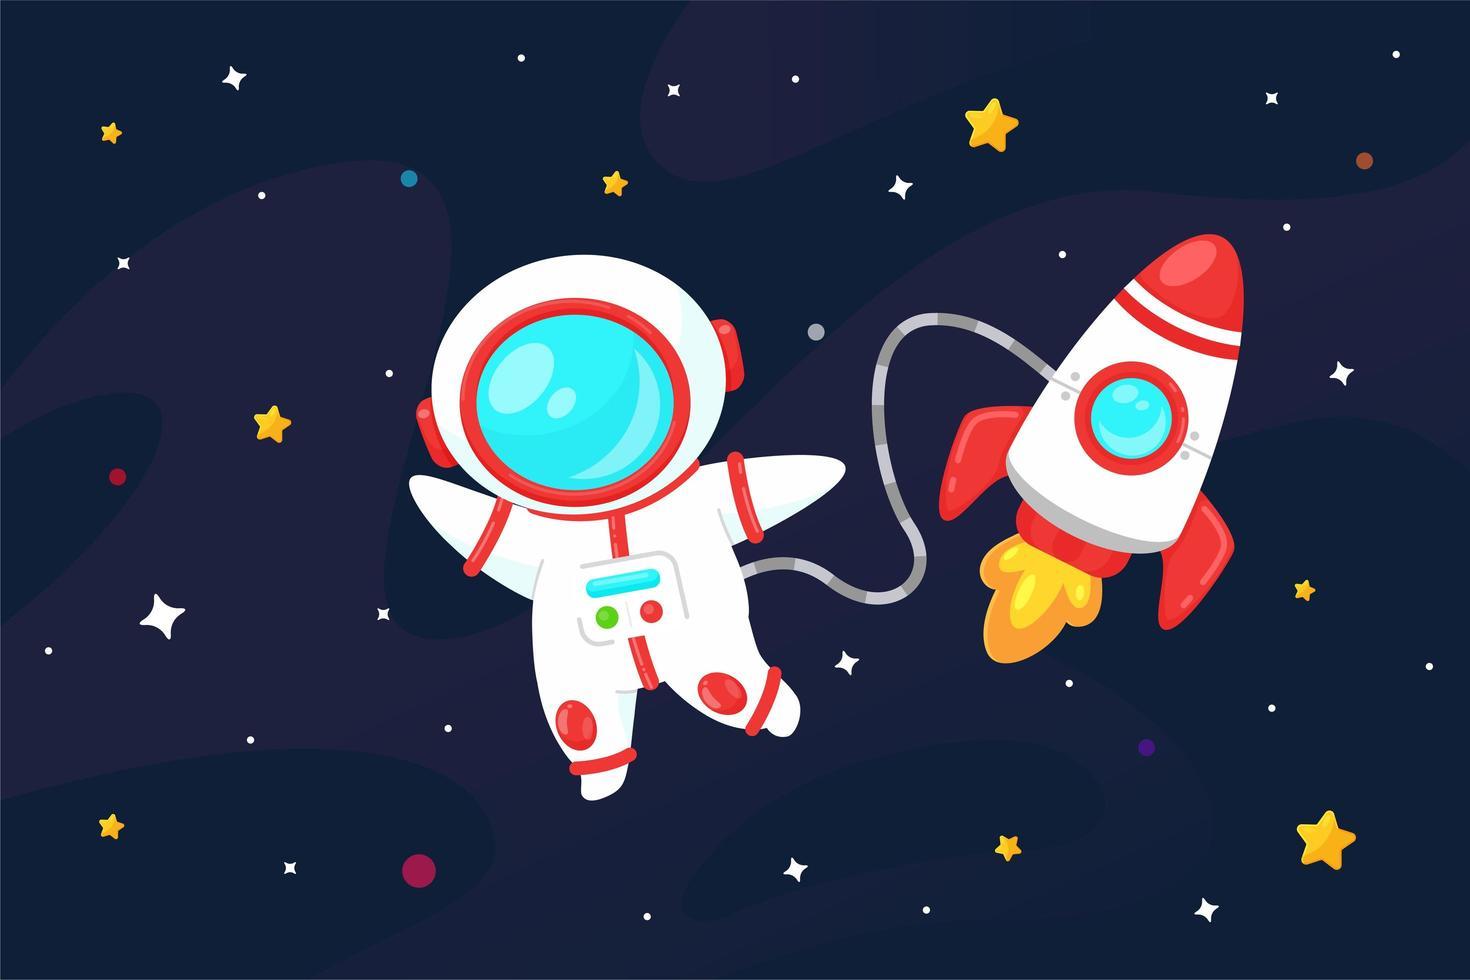 astronaut met een ruimteschip vector